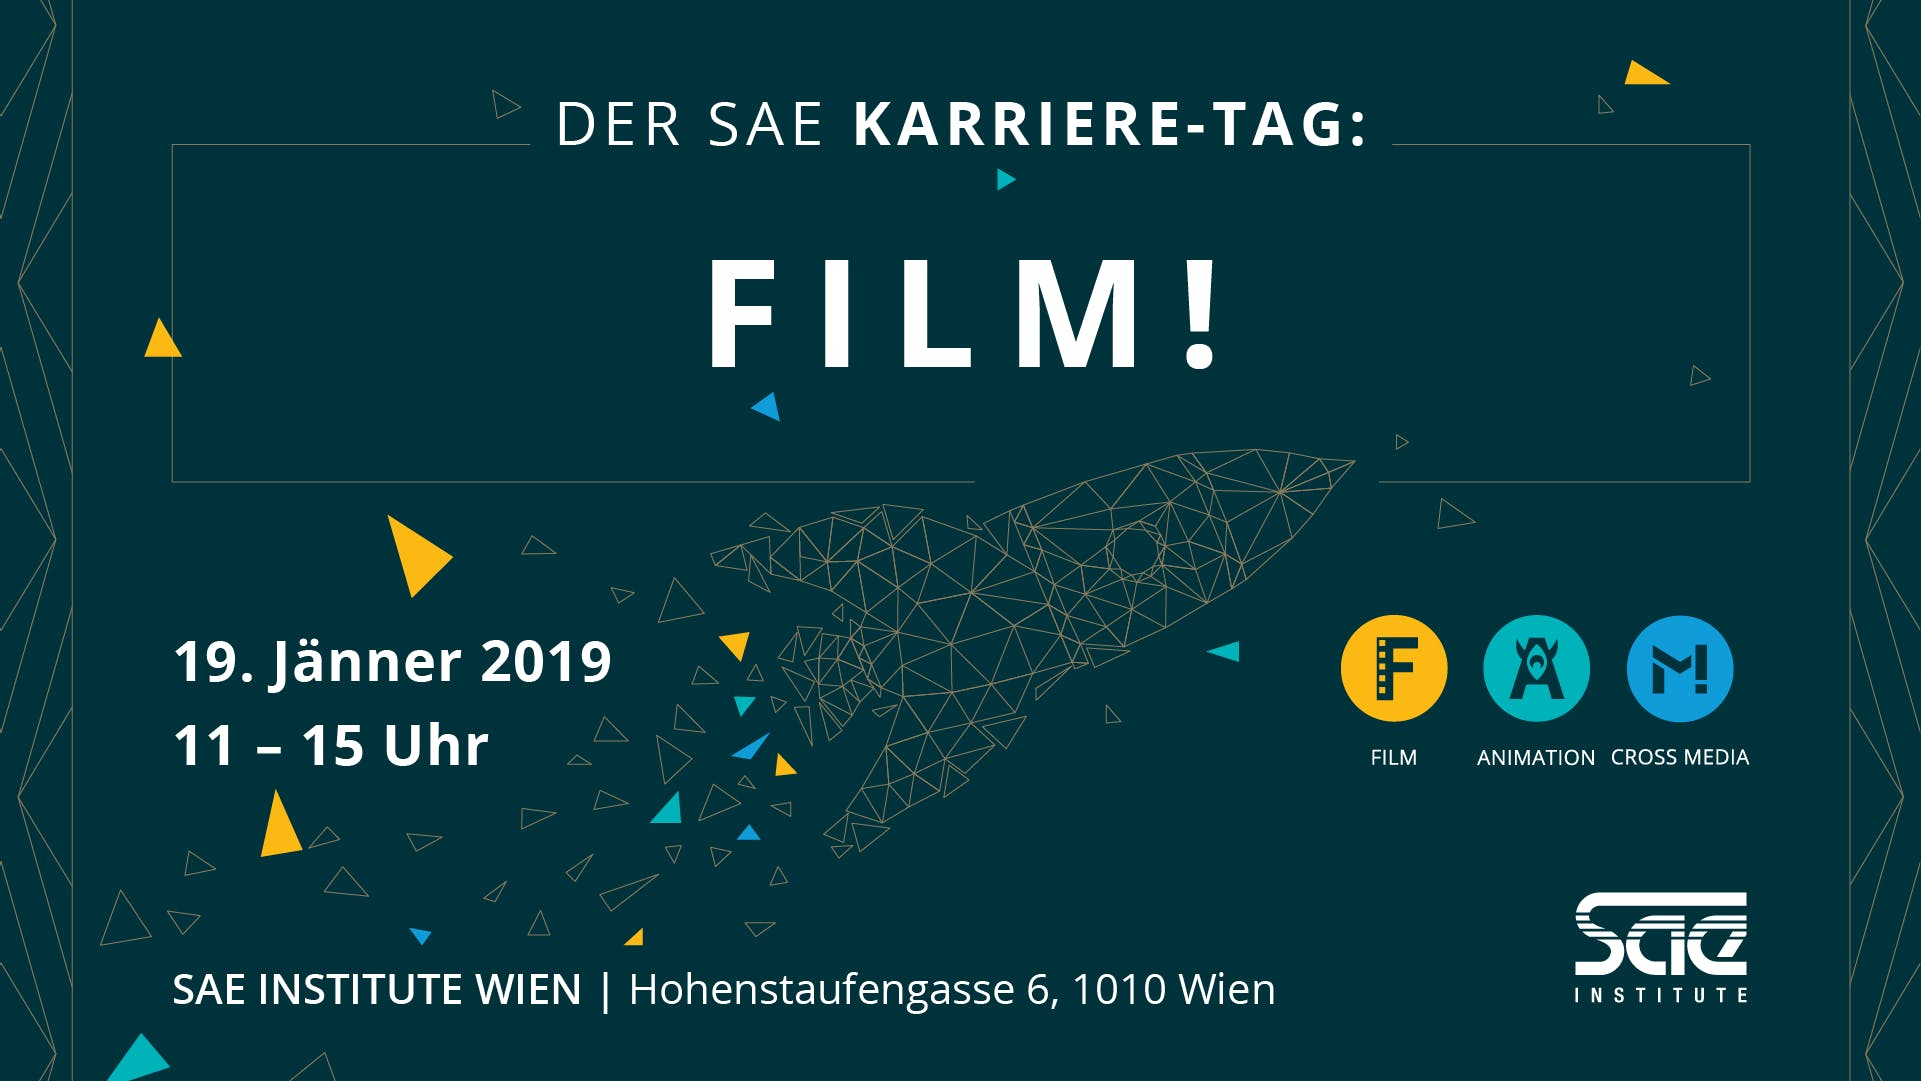 Der SAE Karriere-Tag: FILM!